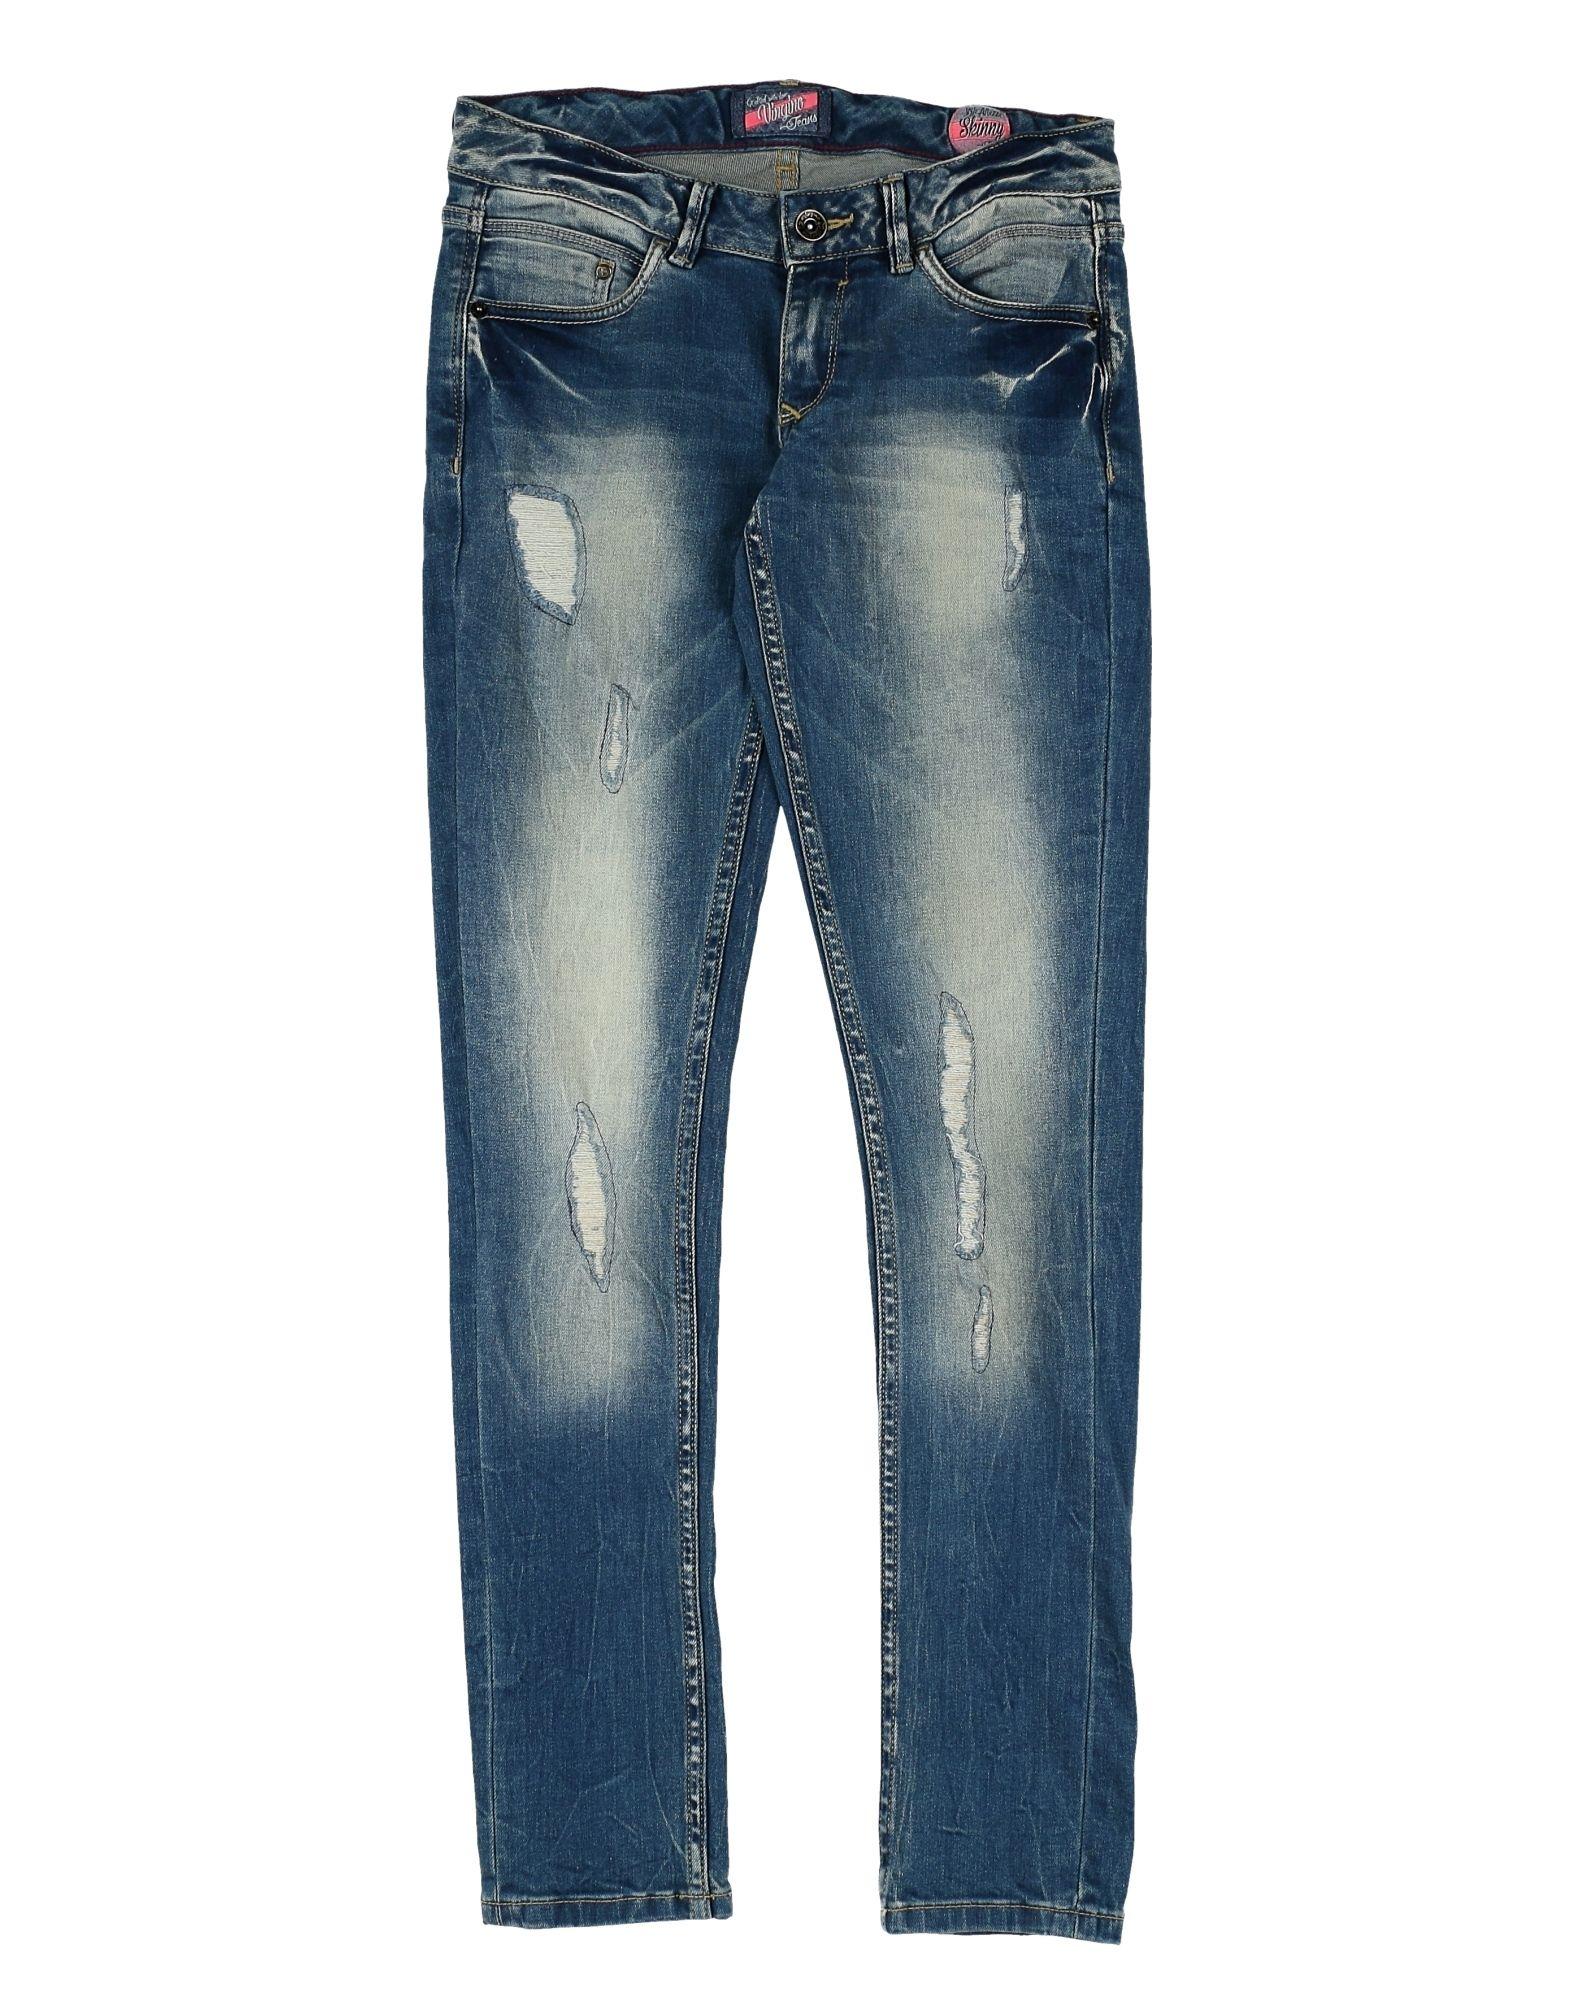 VINGINO Denim Pants in Blue